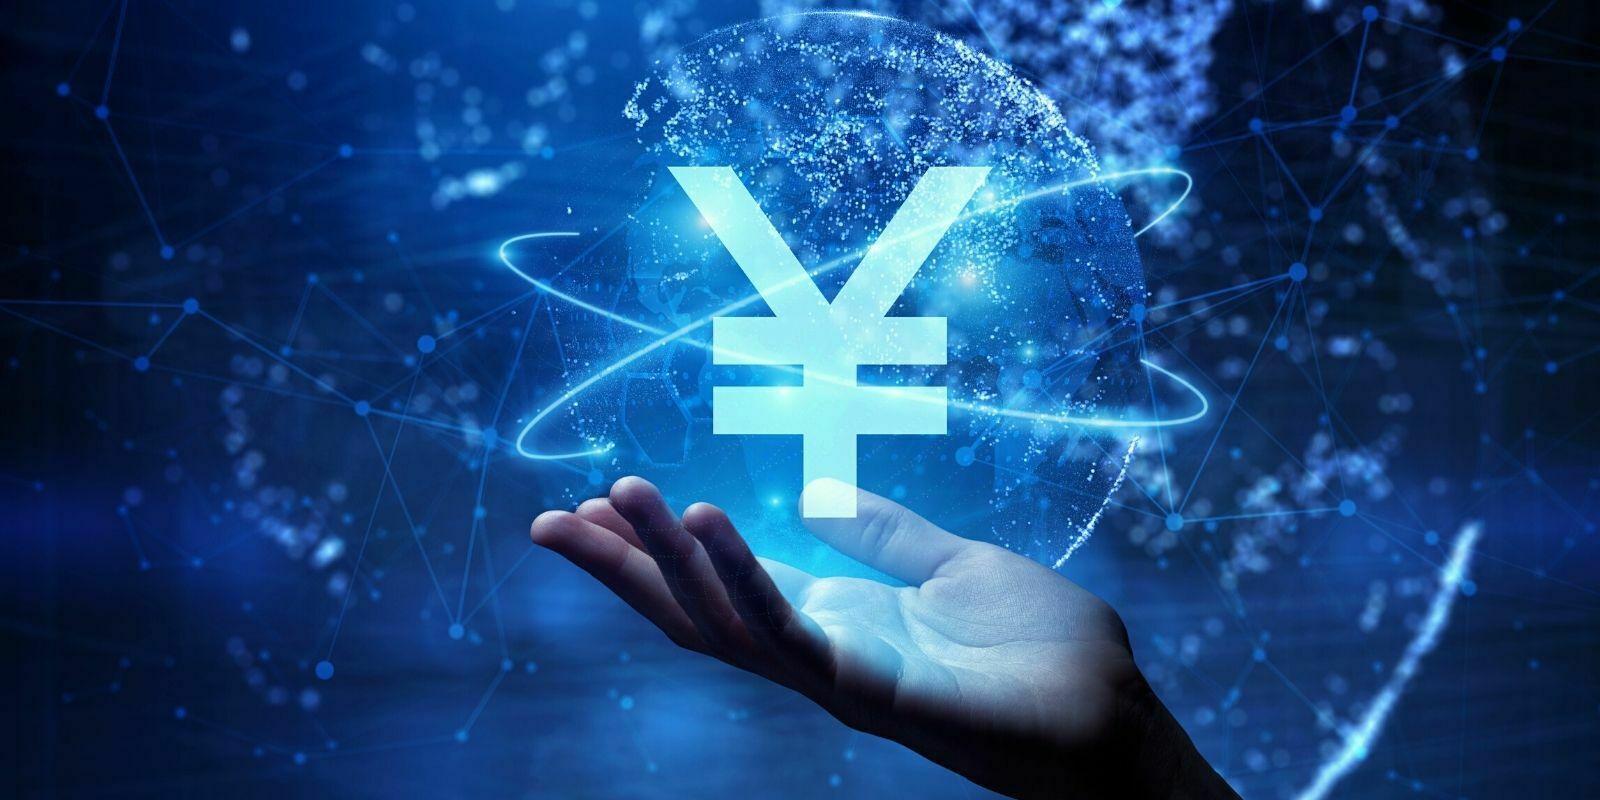 Chine : le géant du e-commerce JD.com utilise le yuan numérique pour payer son personnel